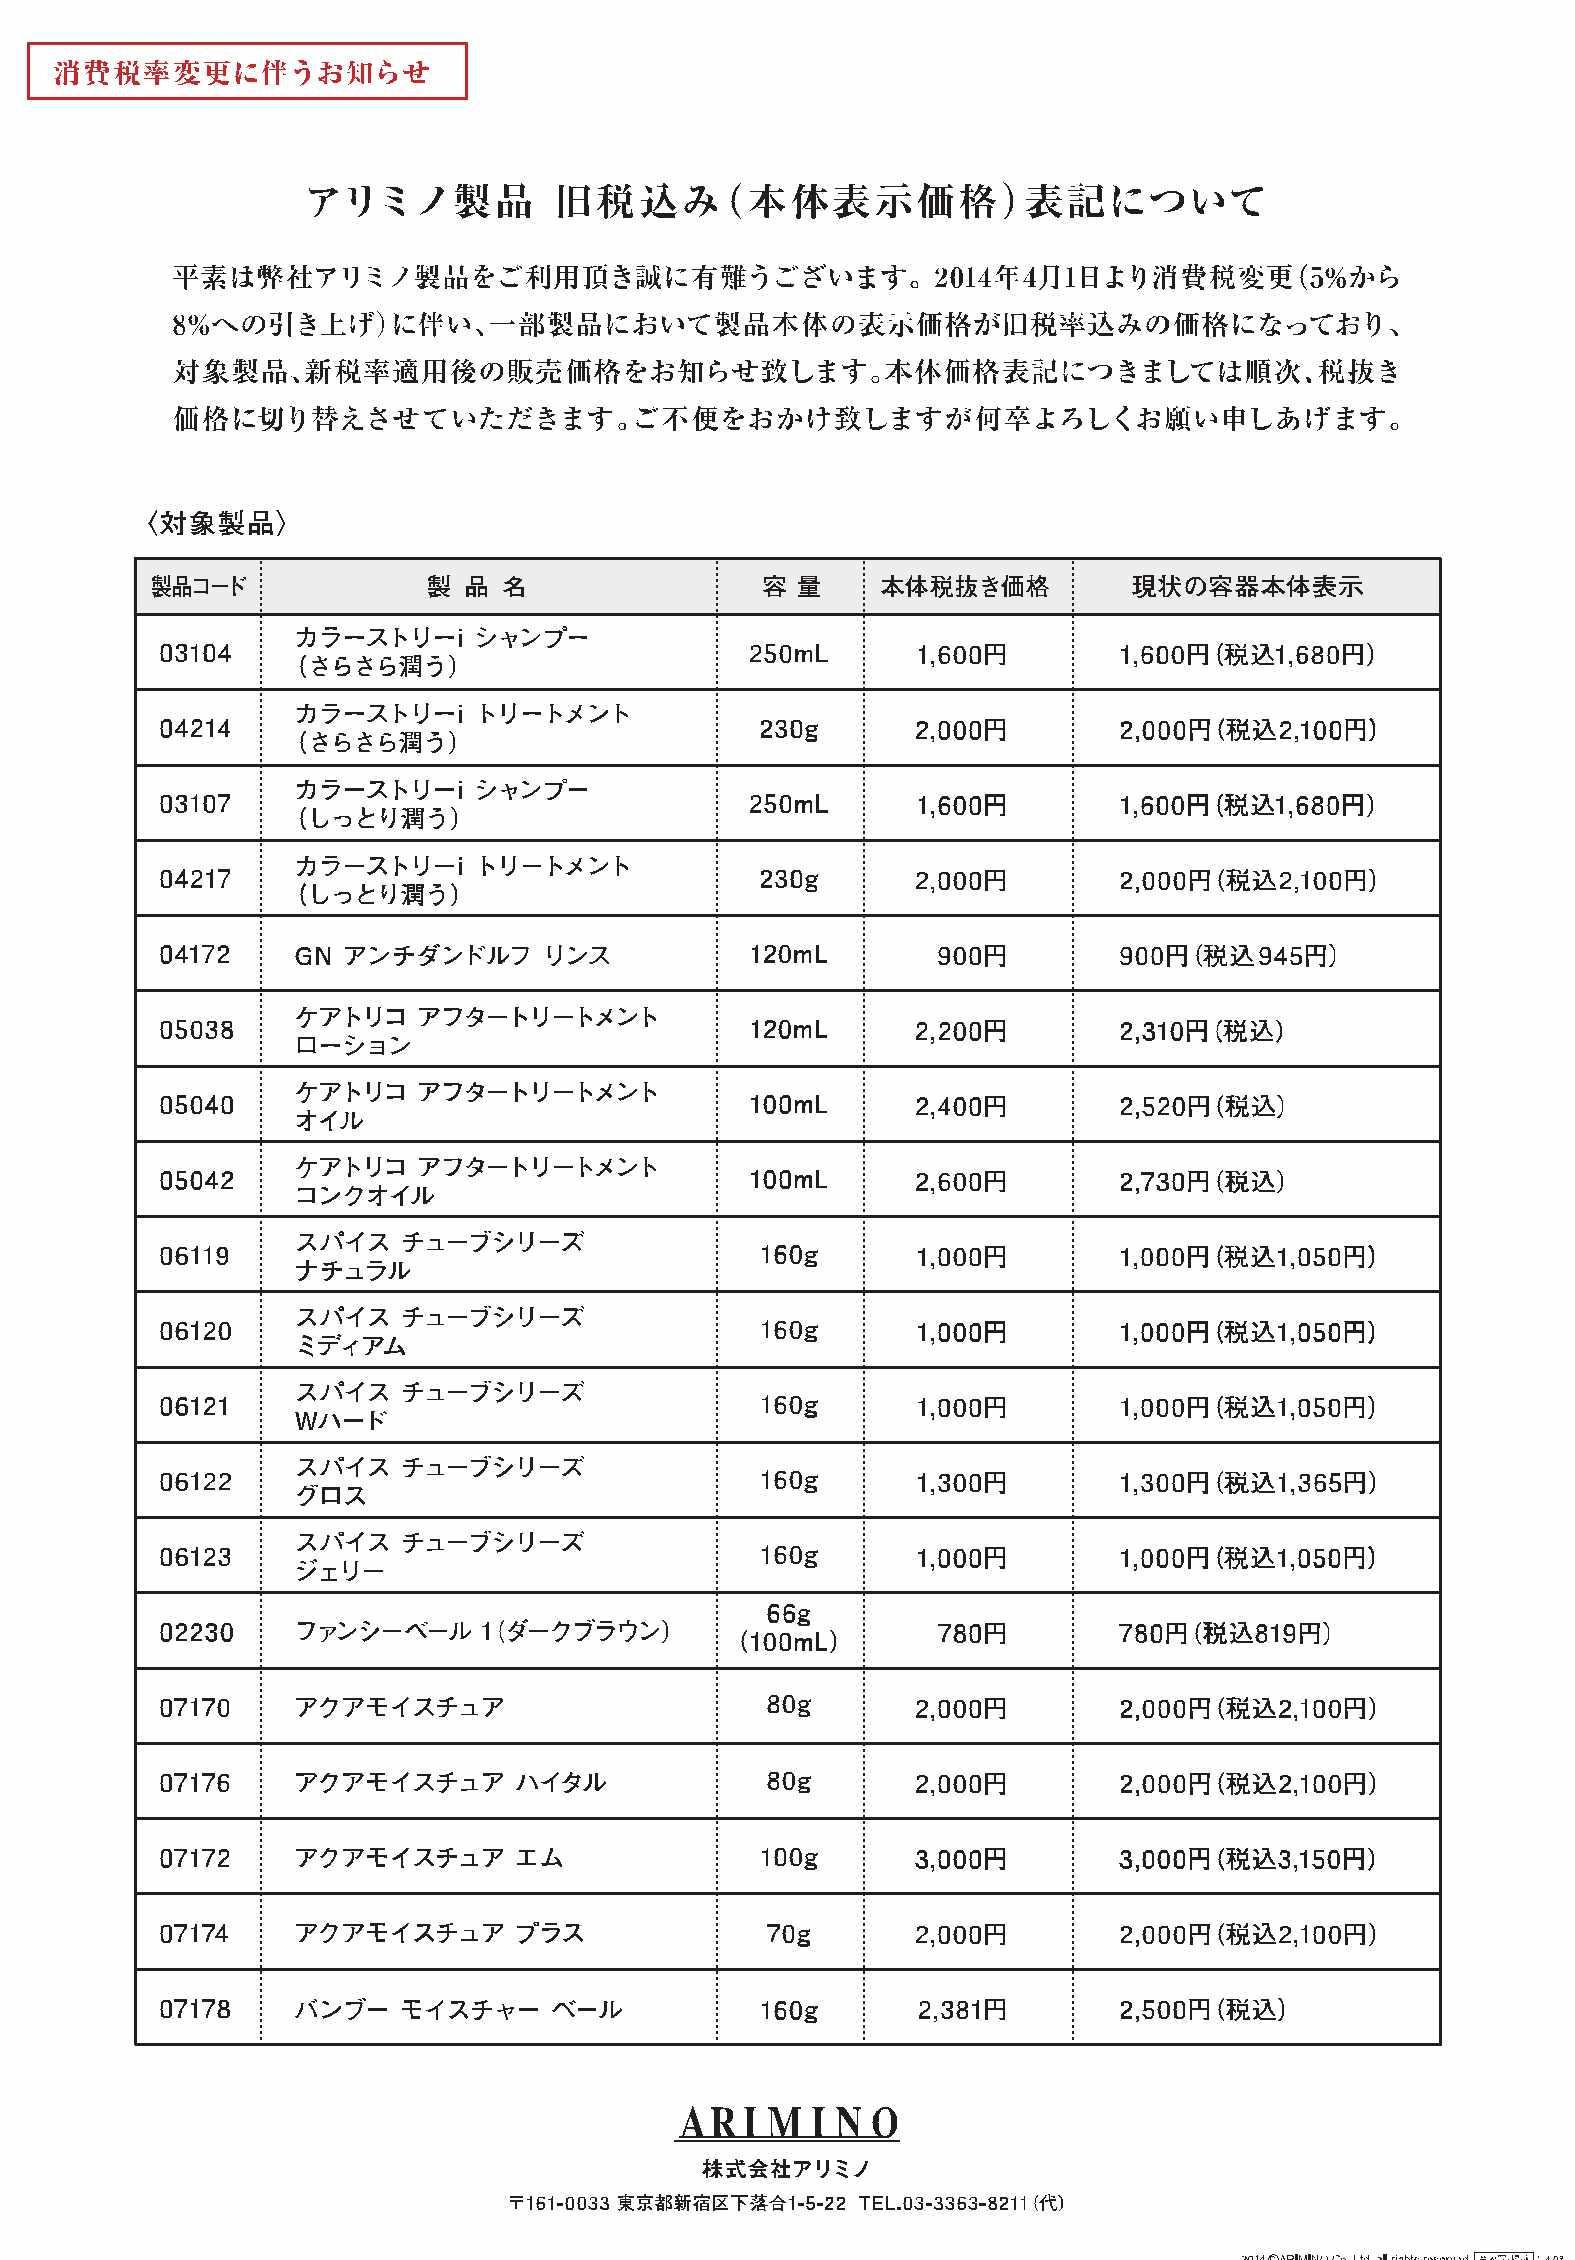 tax201404